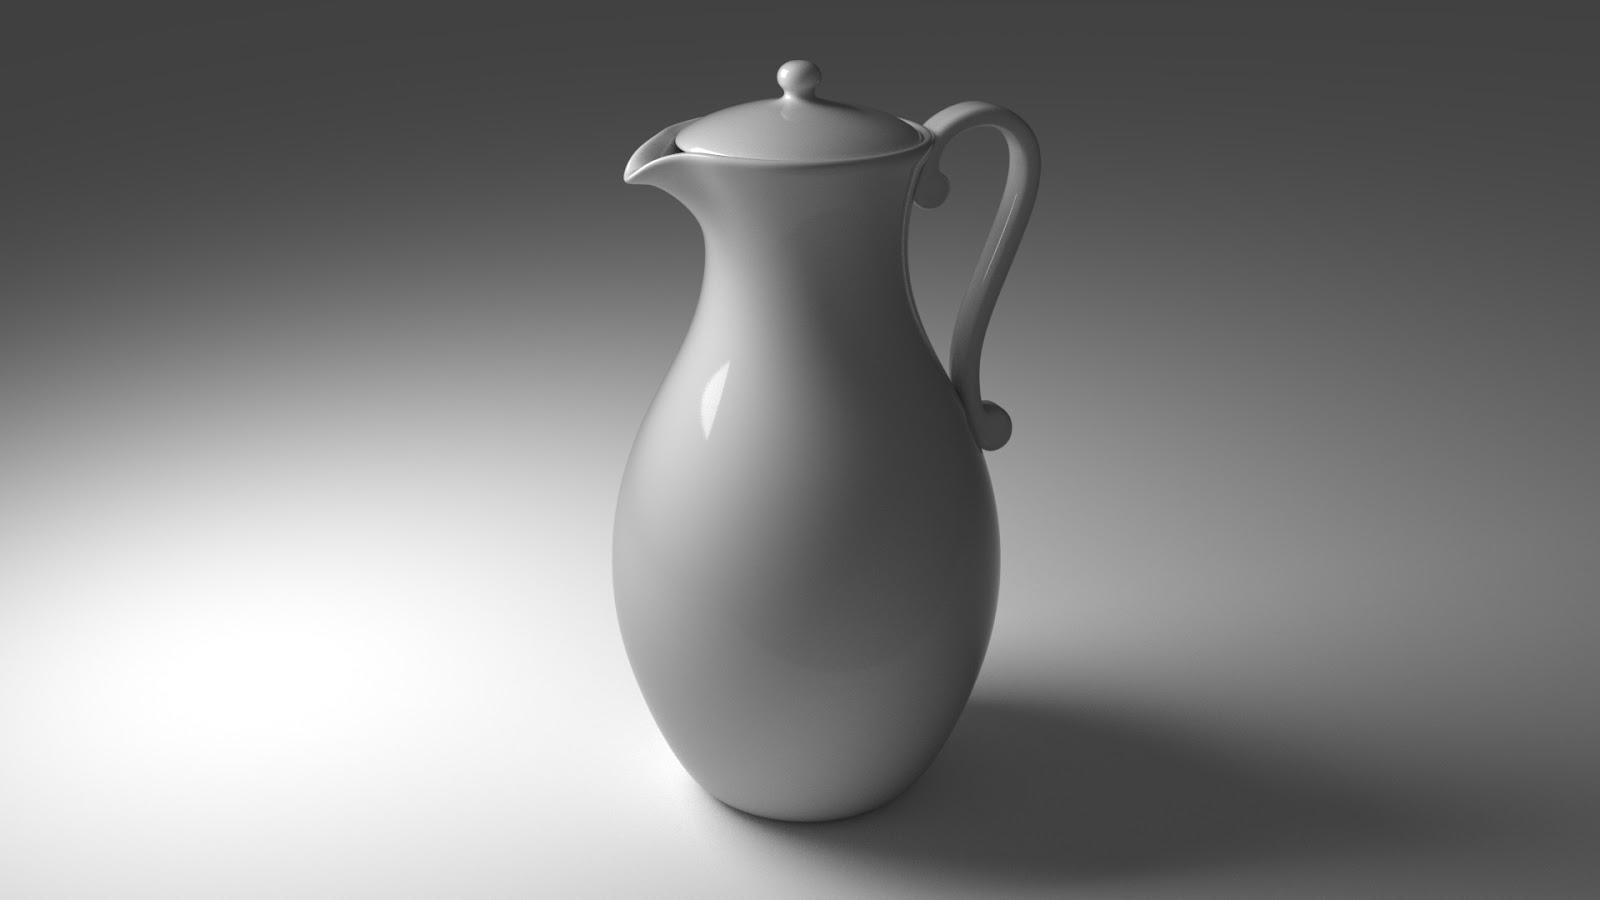 Free 3D Teapot .blend file